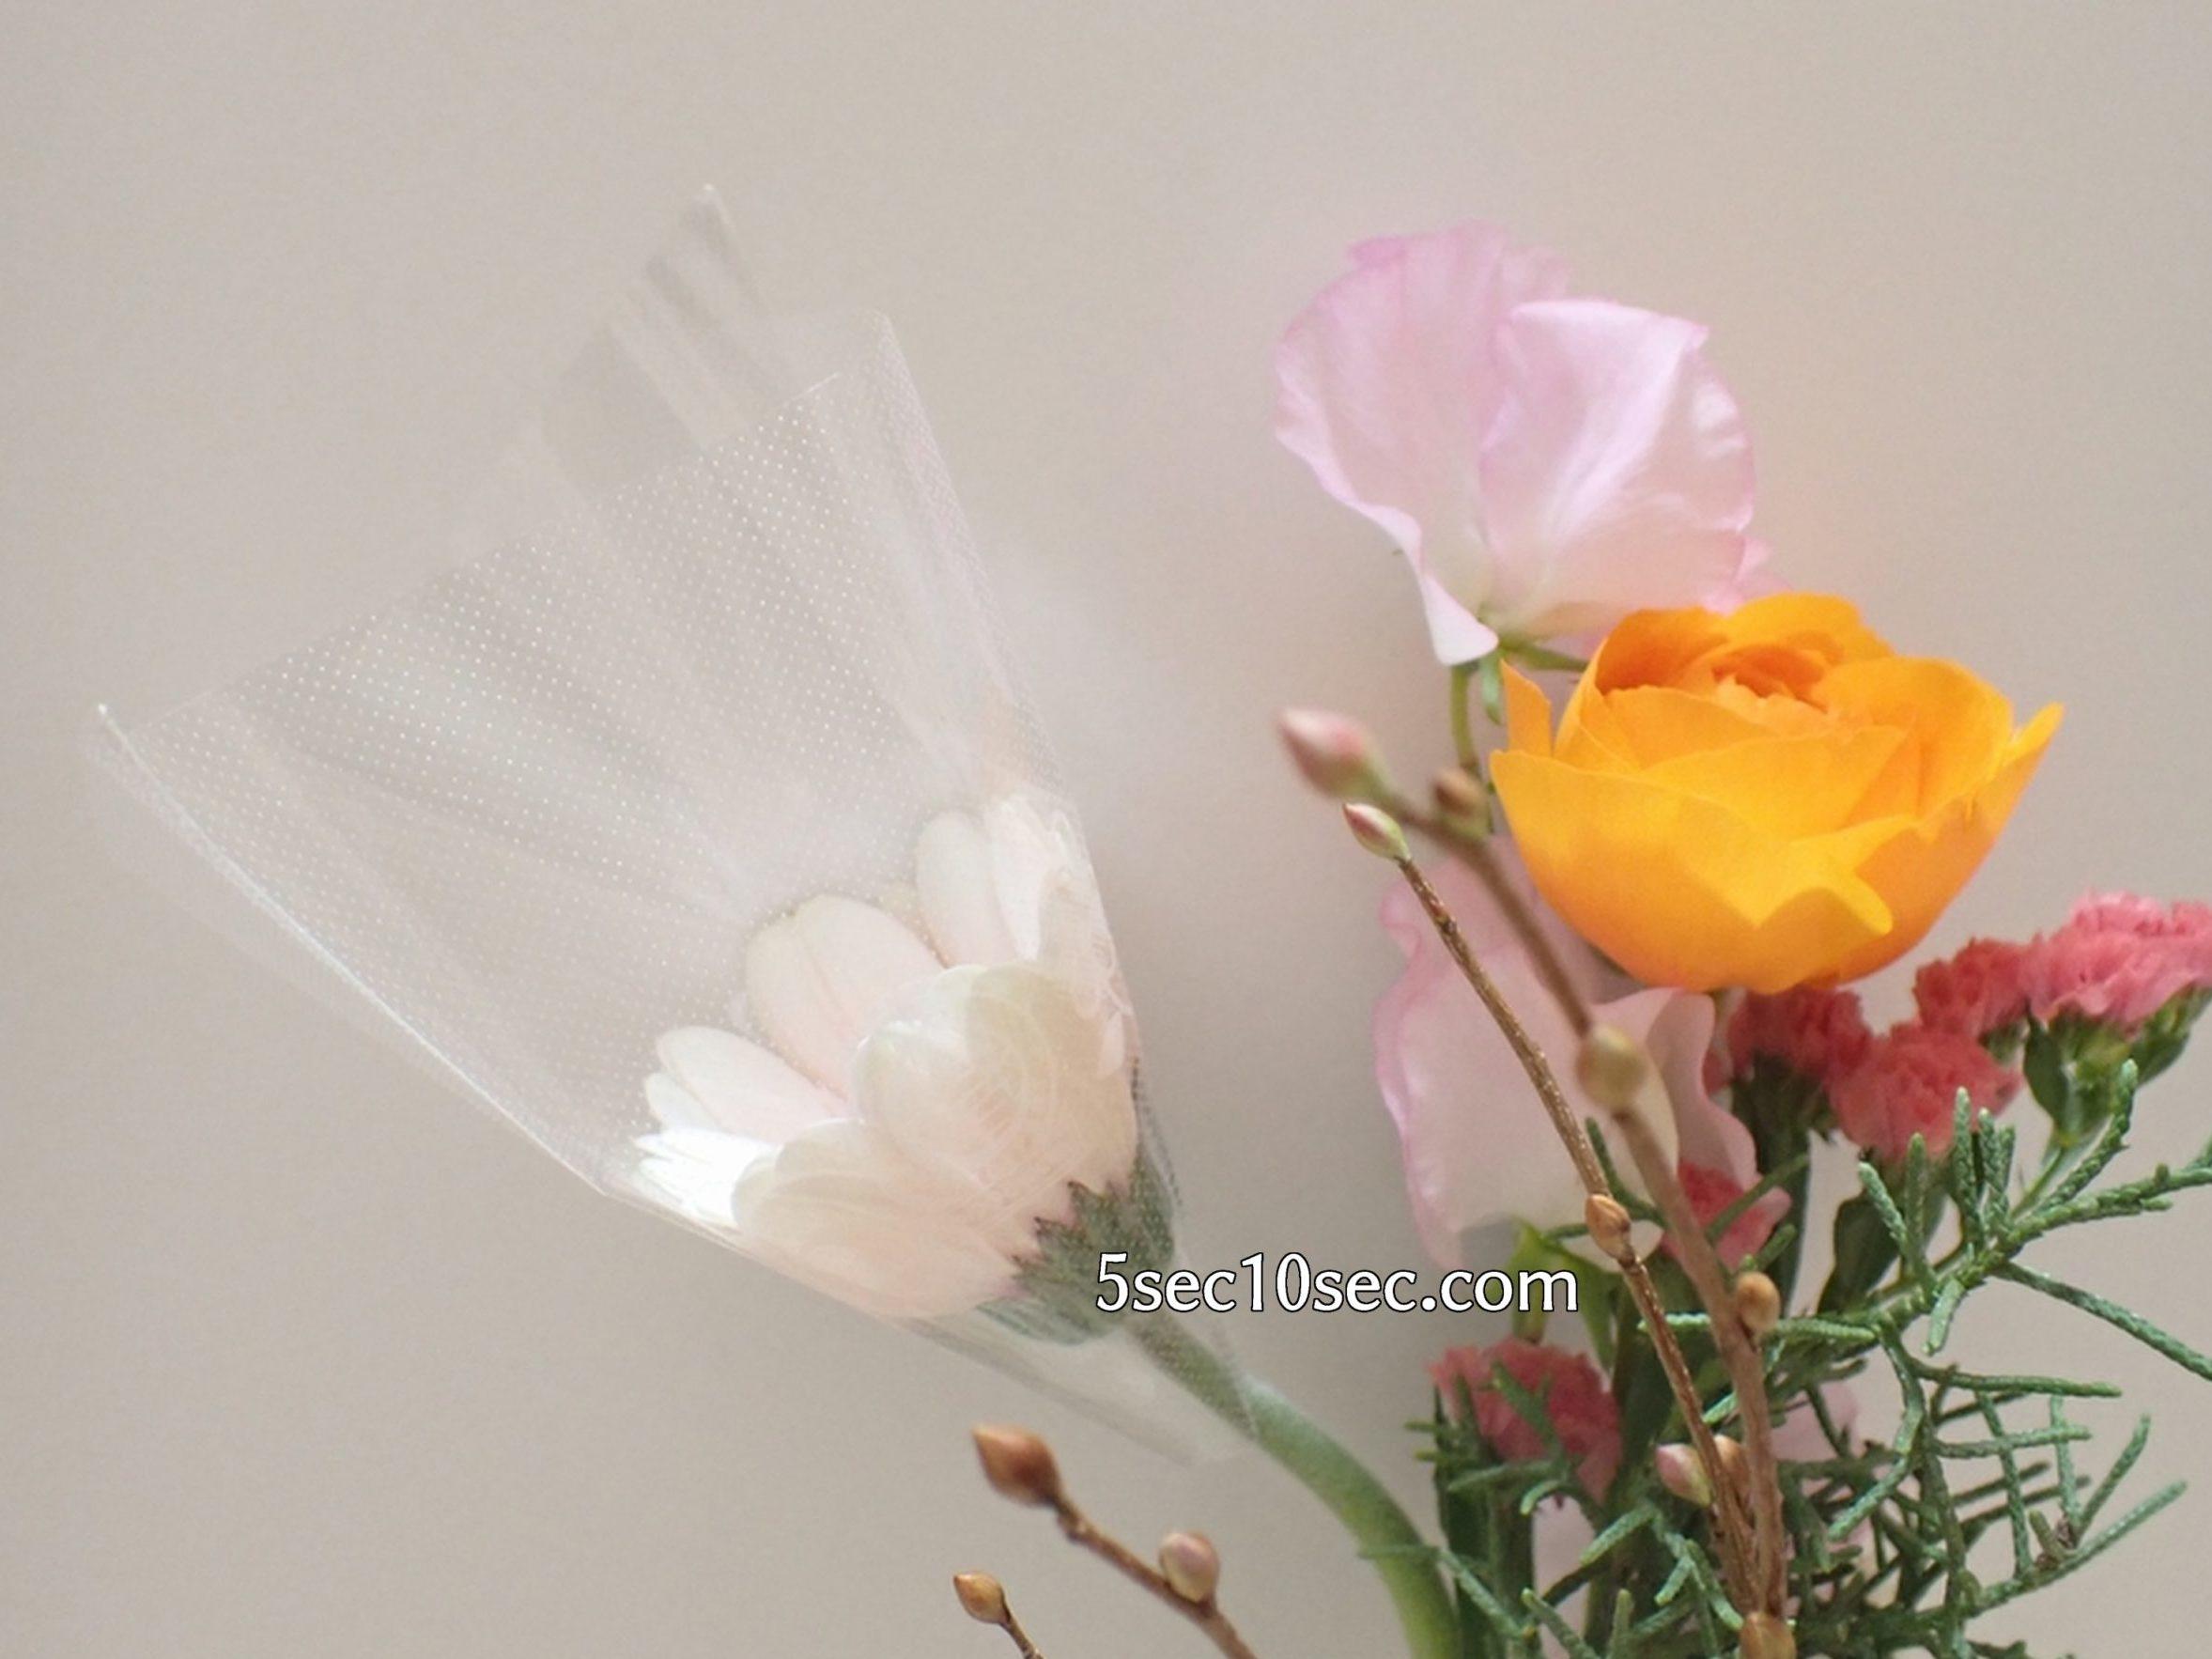 株式会社Crunch Style お花の定期便 Bloomee LIFE ブルーミーライフ 800円のレギュラープラン ガーベラは個別に保護して送ってもらえました